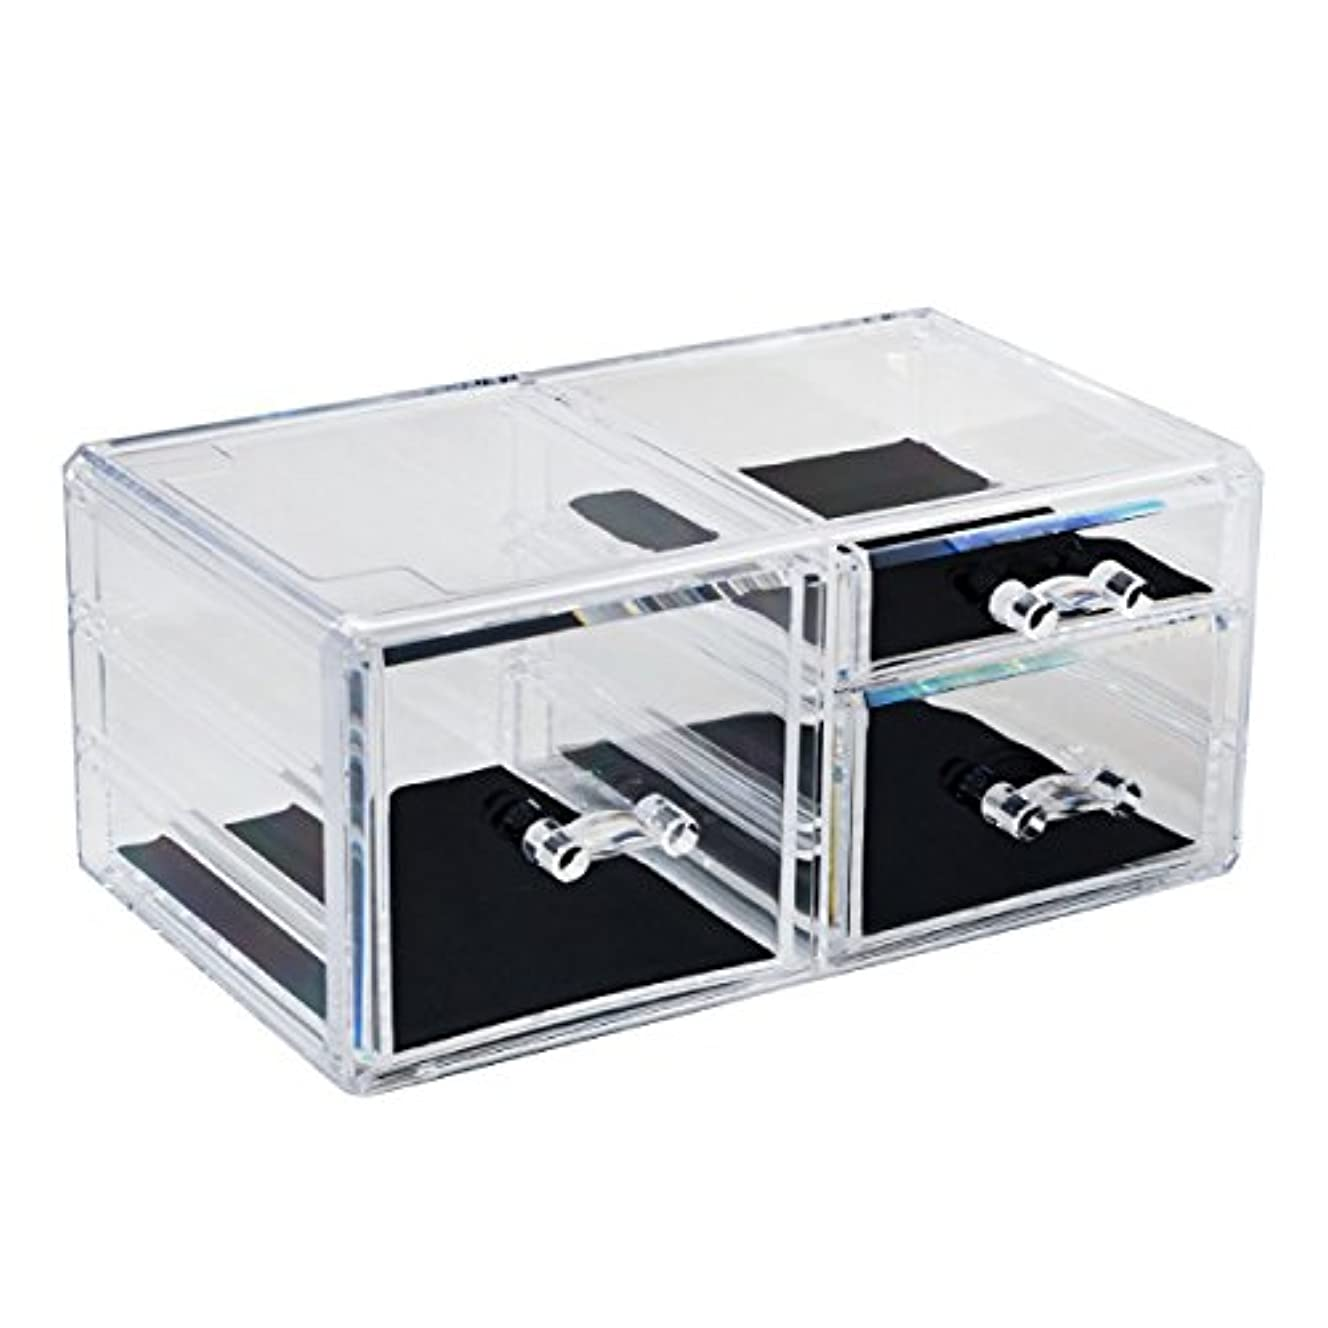 プロポーショナルぬれた特異性アクリルケース 収納ケース 深型引き出し×1 小引き出し×2 Mサイズ コスメボックス アクセサリー_87252